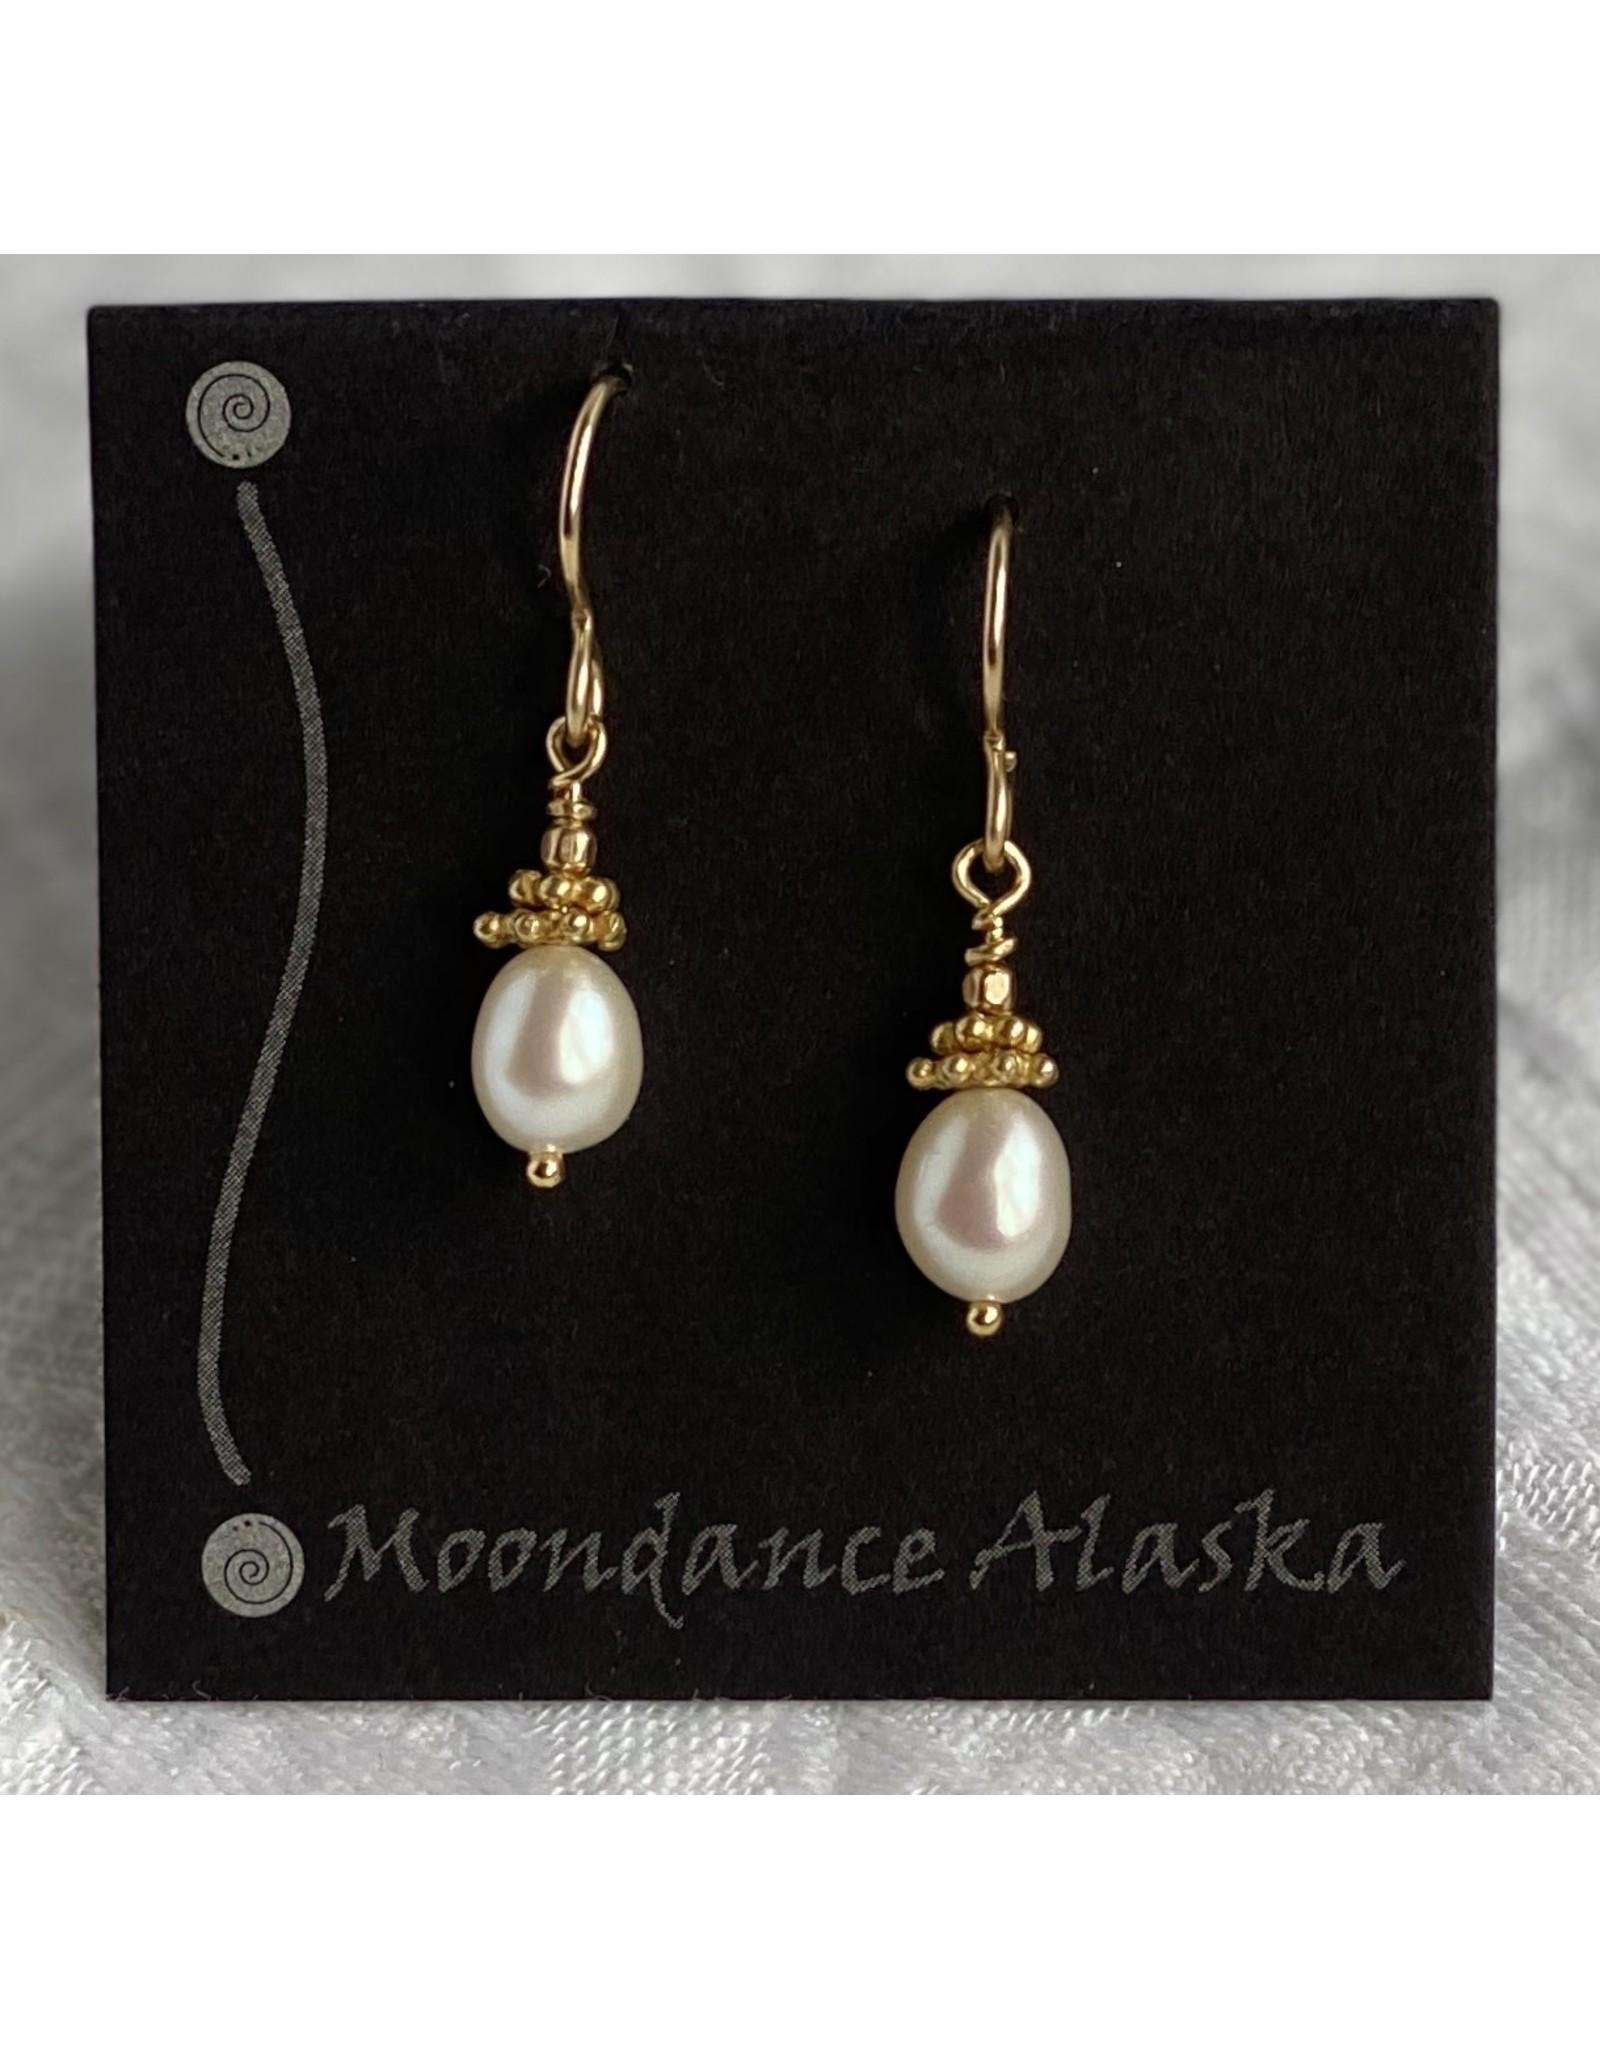 Moondance Alaska by Colleen Goldrich Moondance Earrings Pearl & Mixed 14k gold-fill